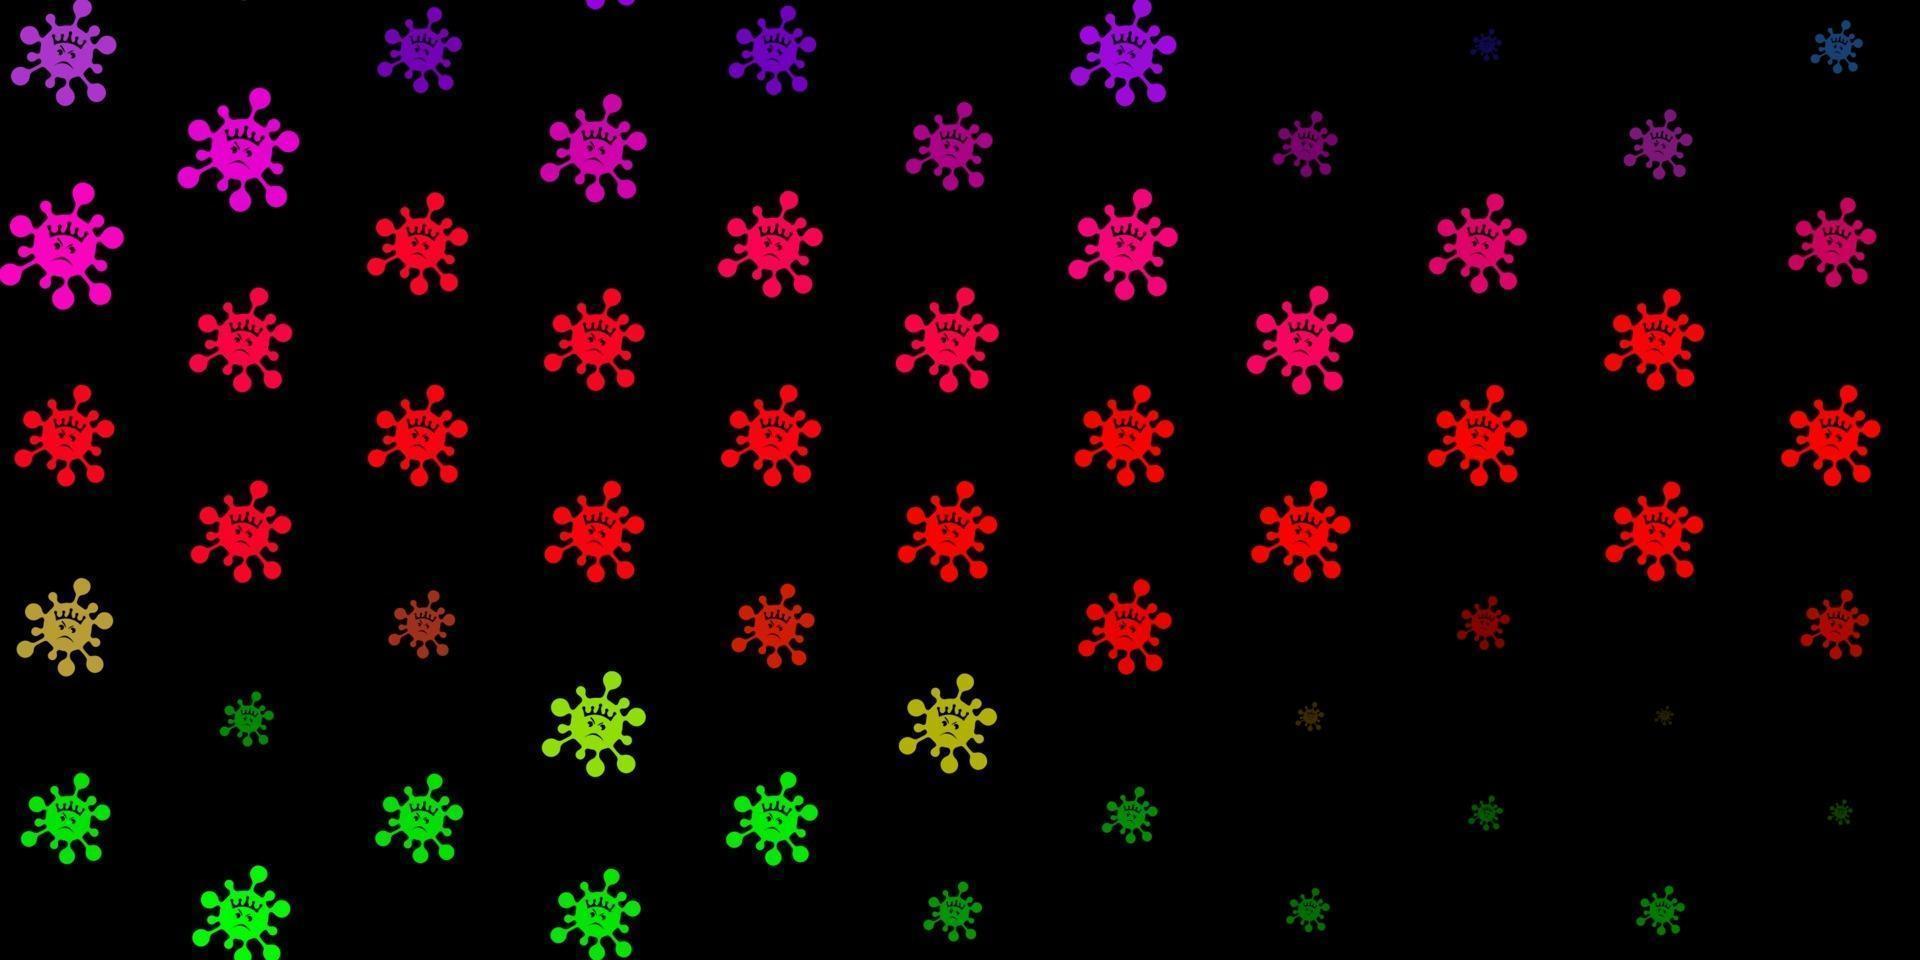 sfondo vettoriale rosa scuro, verde con simboli di virus.